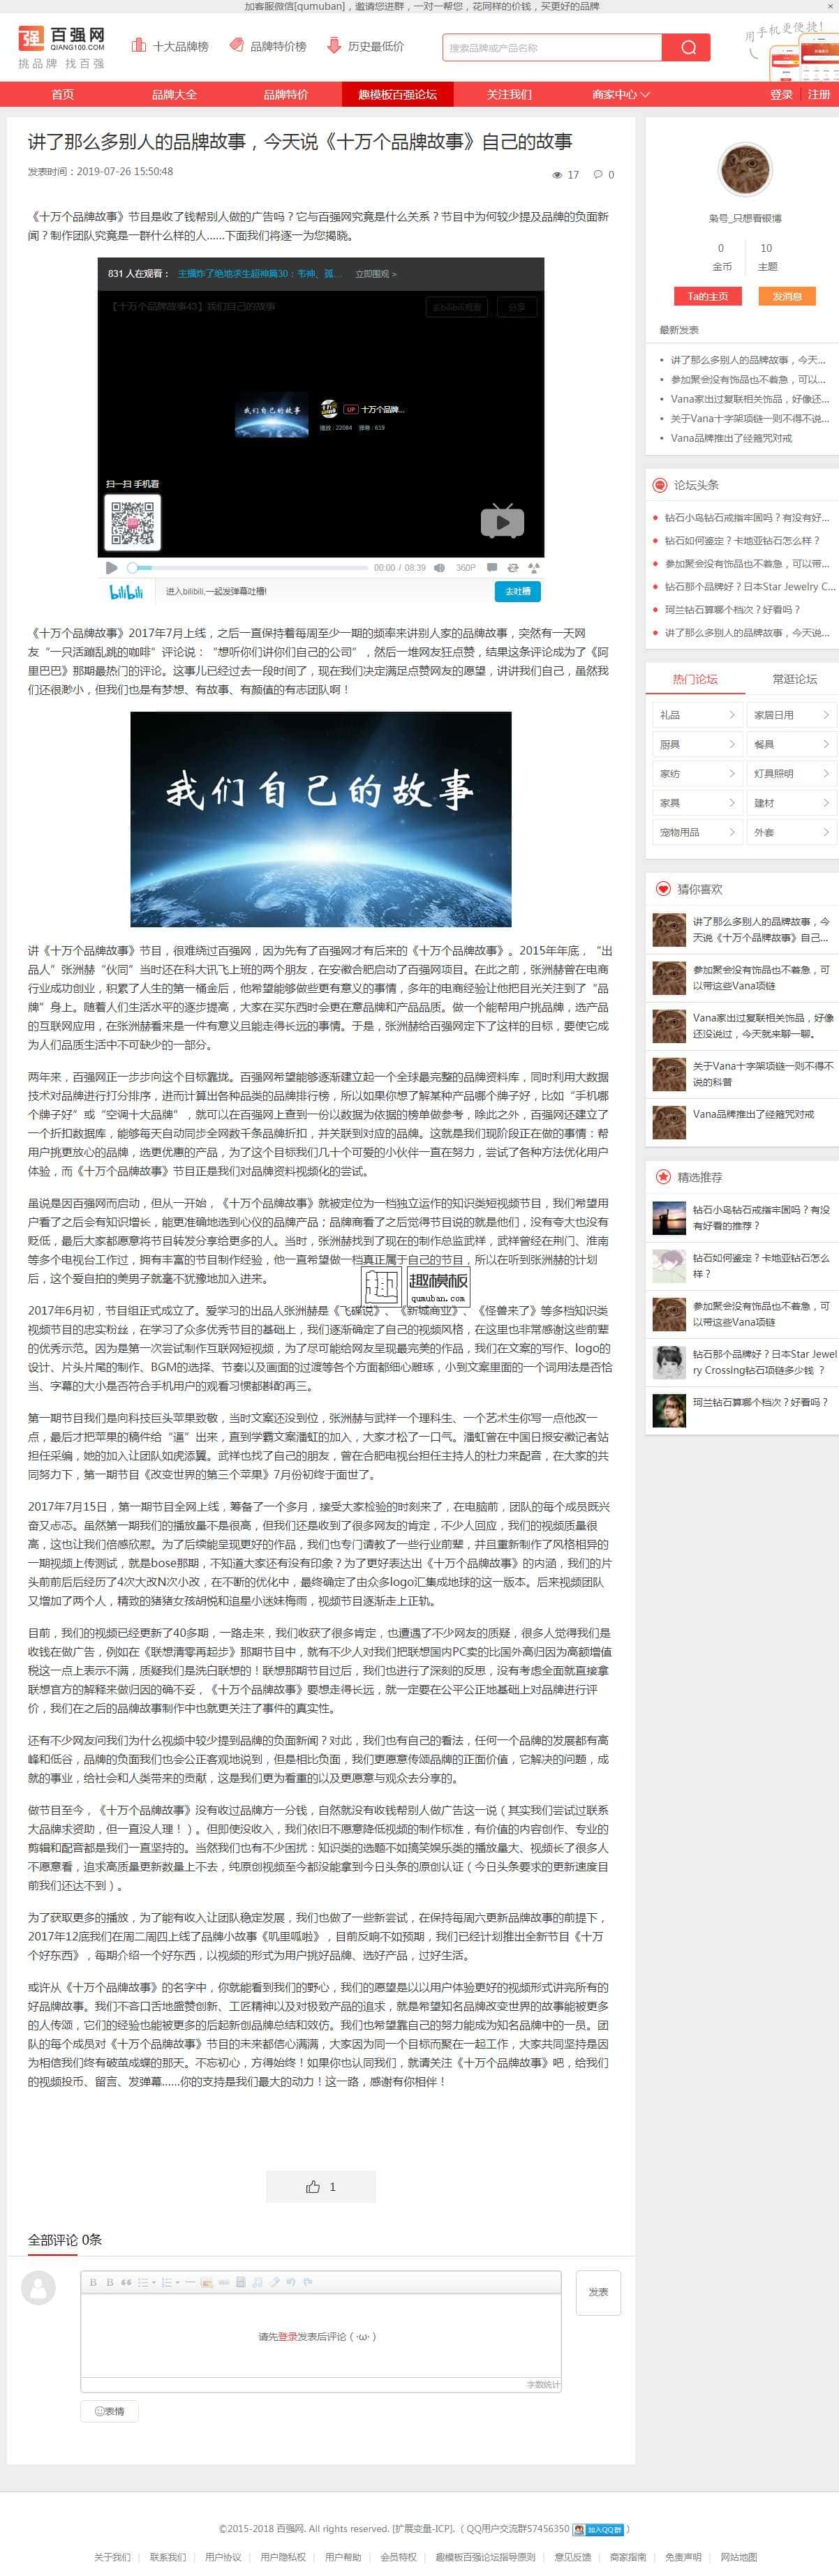 首发92GAME众筹定制帝国cms仿百强网品牌大全淘宝客特价网模板程序源码带采集 模板 第6张